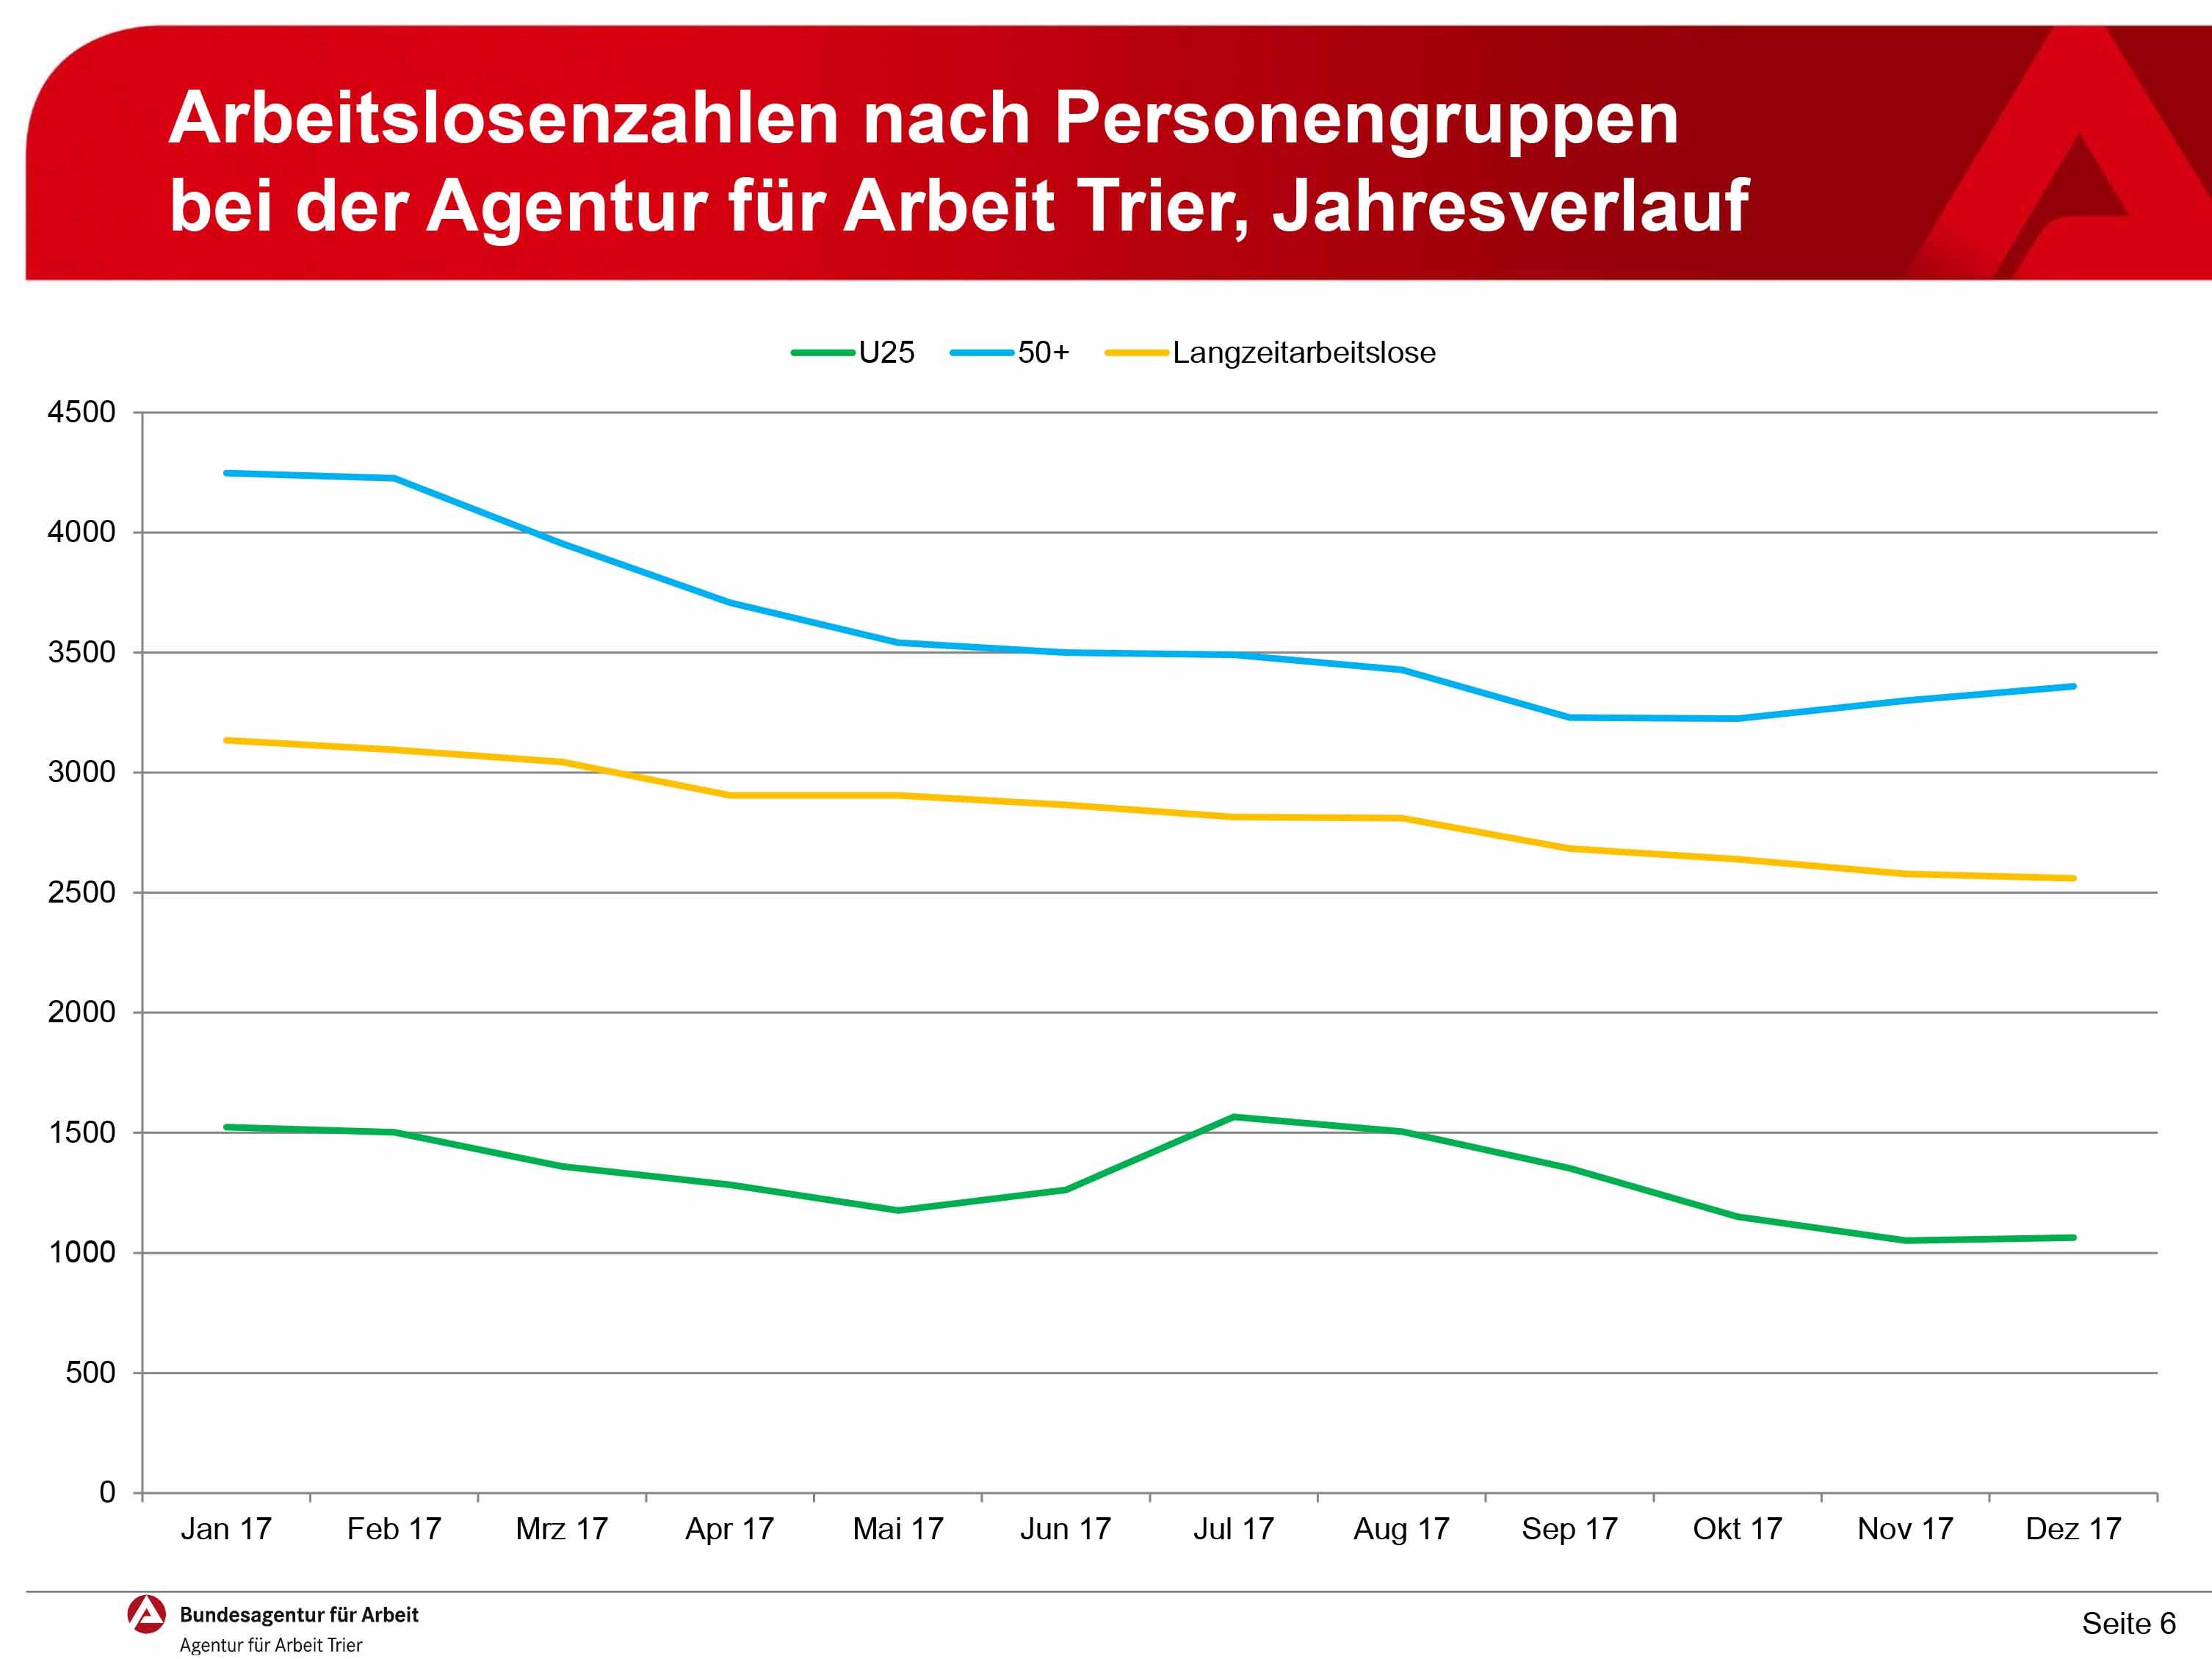 Durchschnittliche Arbeitslosenquote lag 2017 bei 3,7% | Trier Reporter